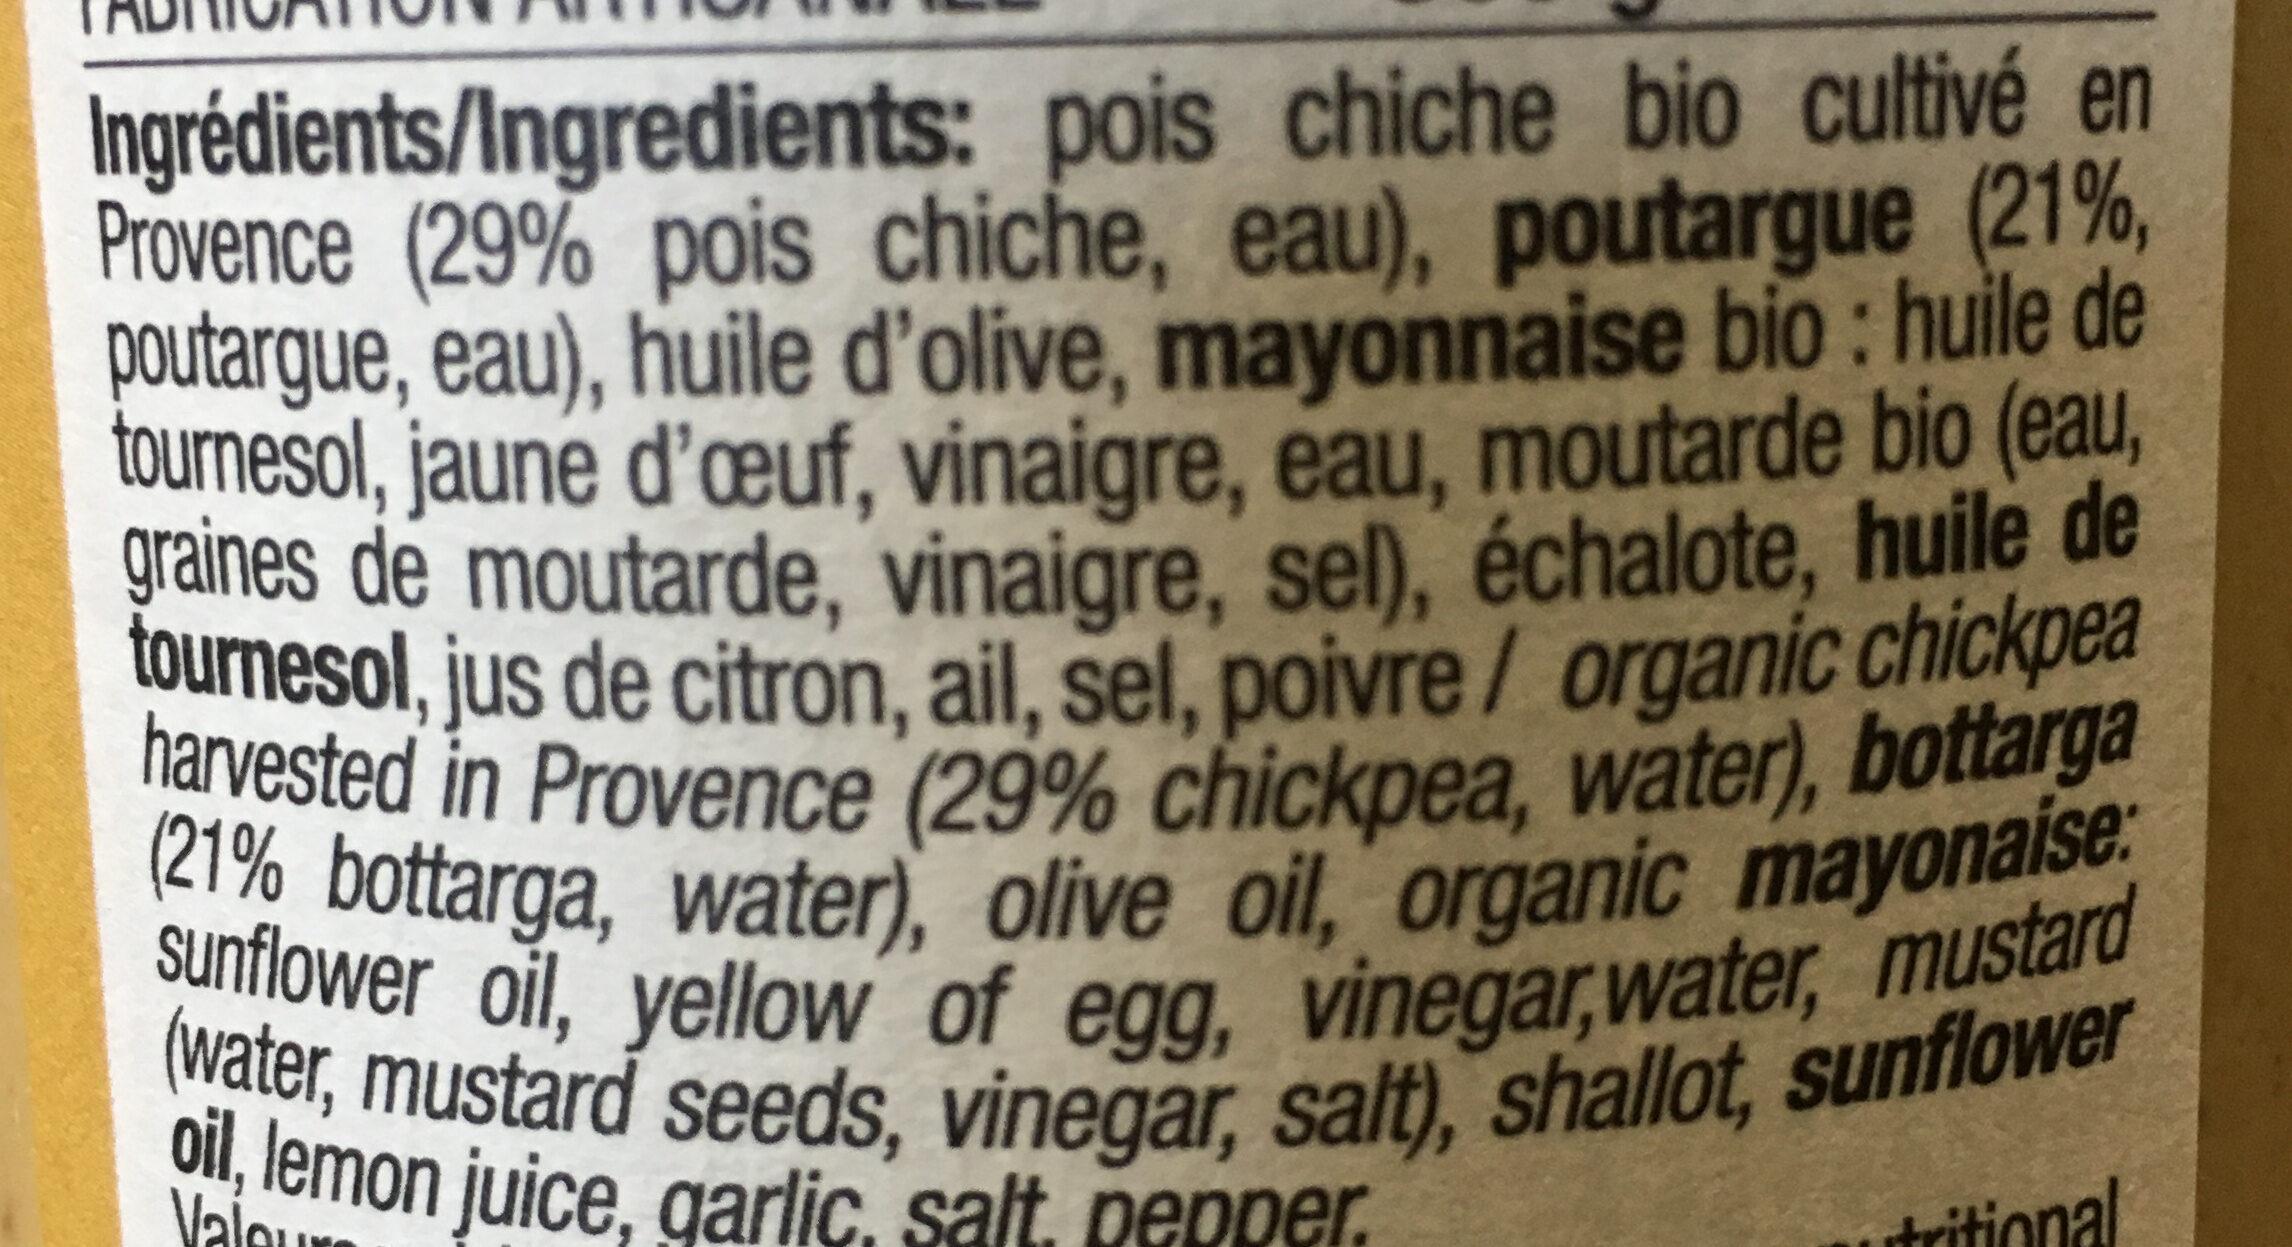 Poichichade à la poutargue - Ingredients